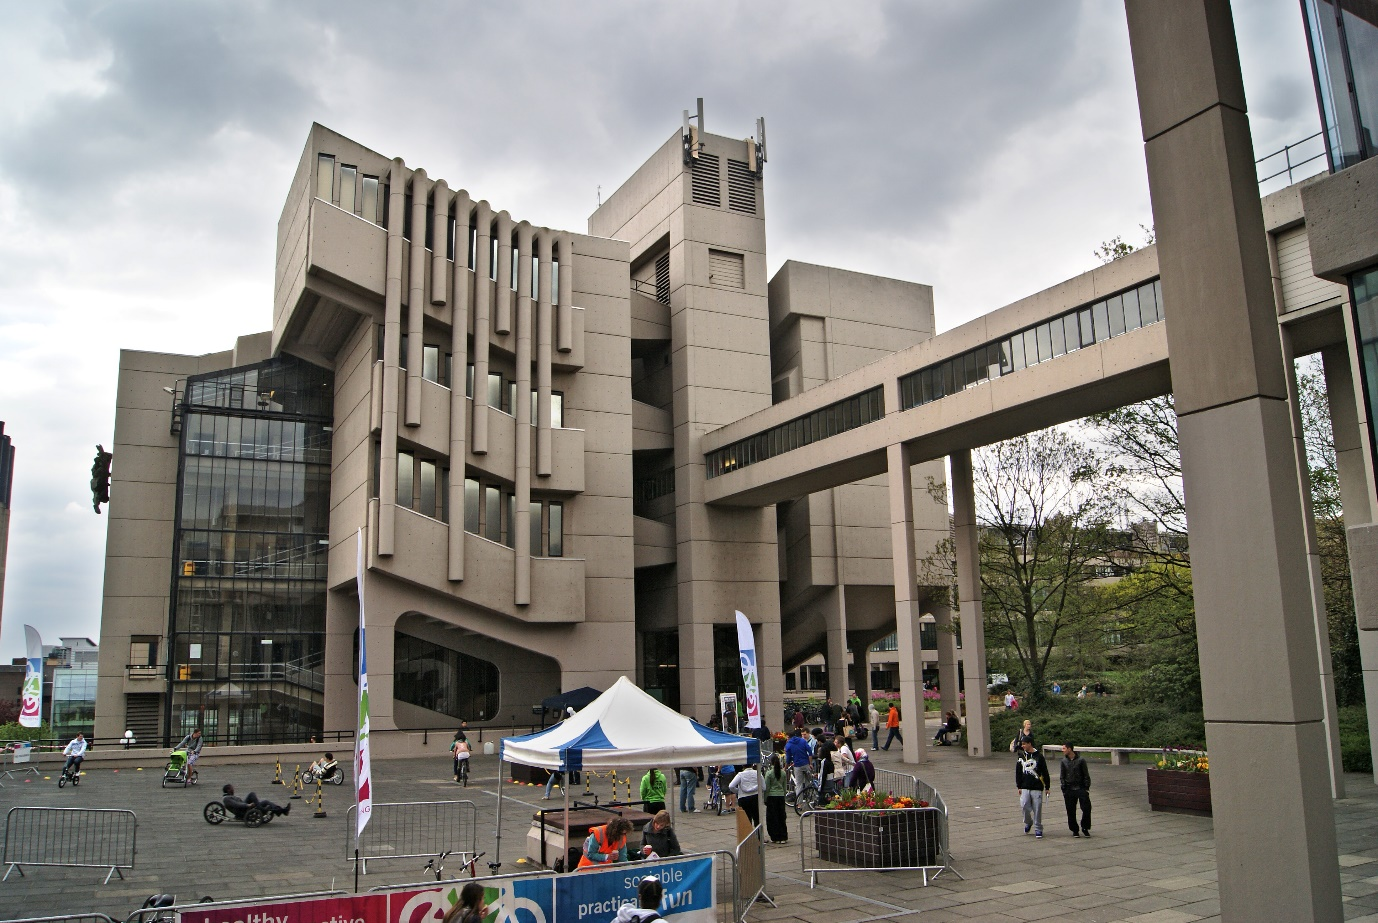 university of leeds_englands (3)